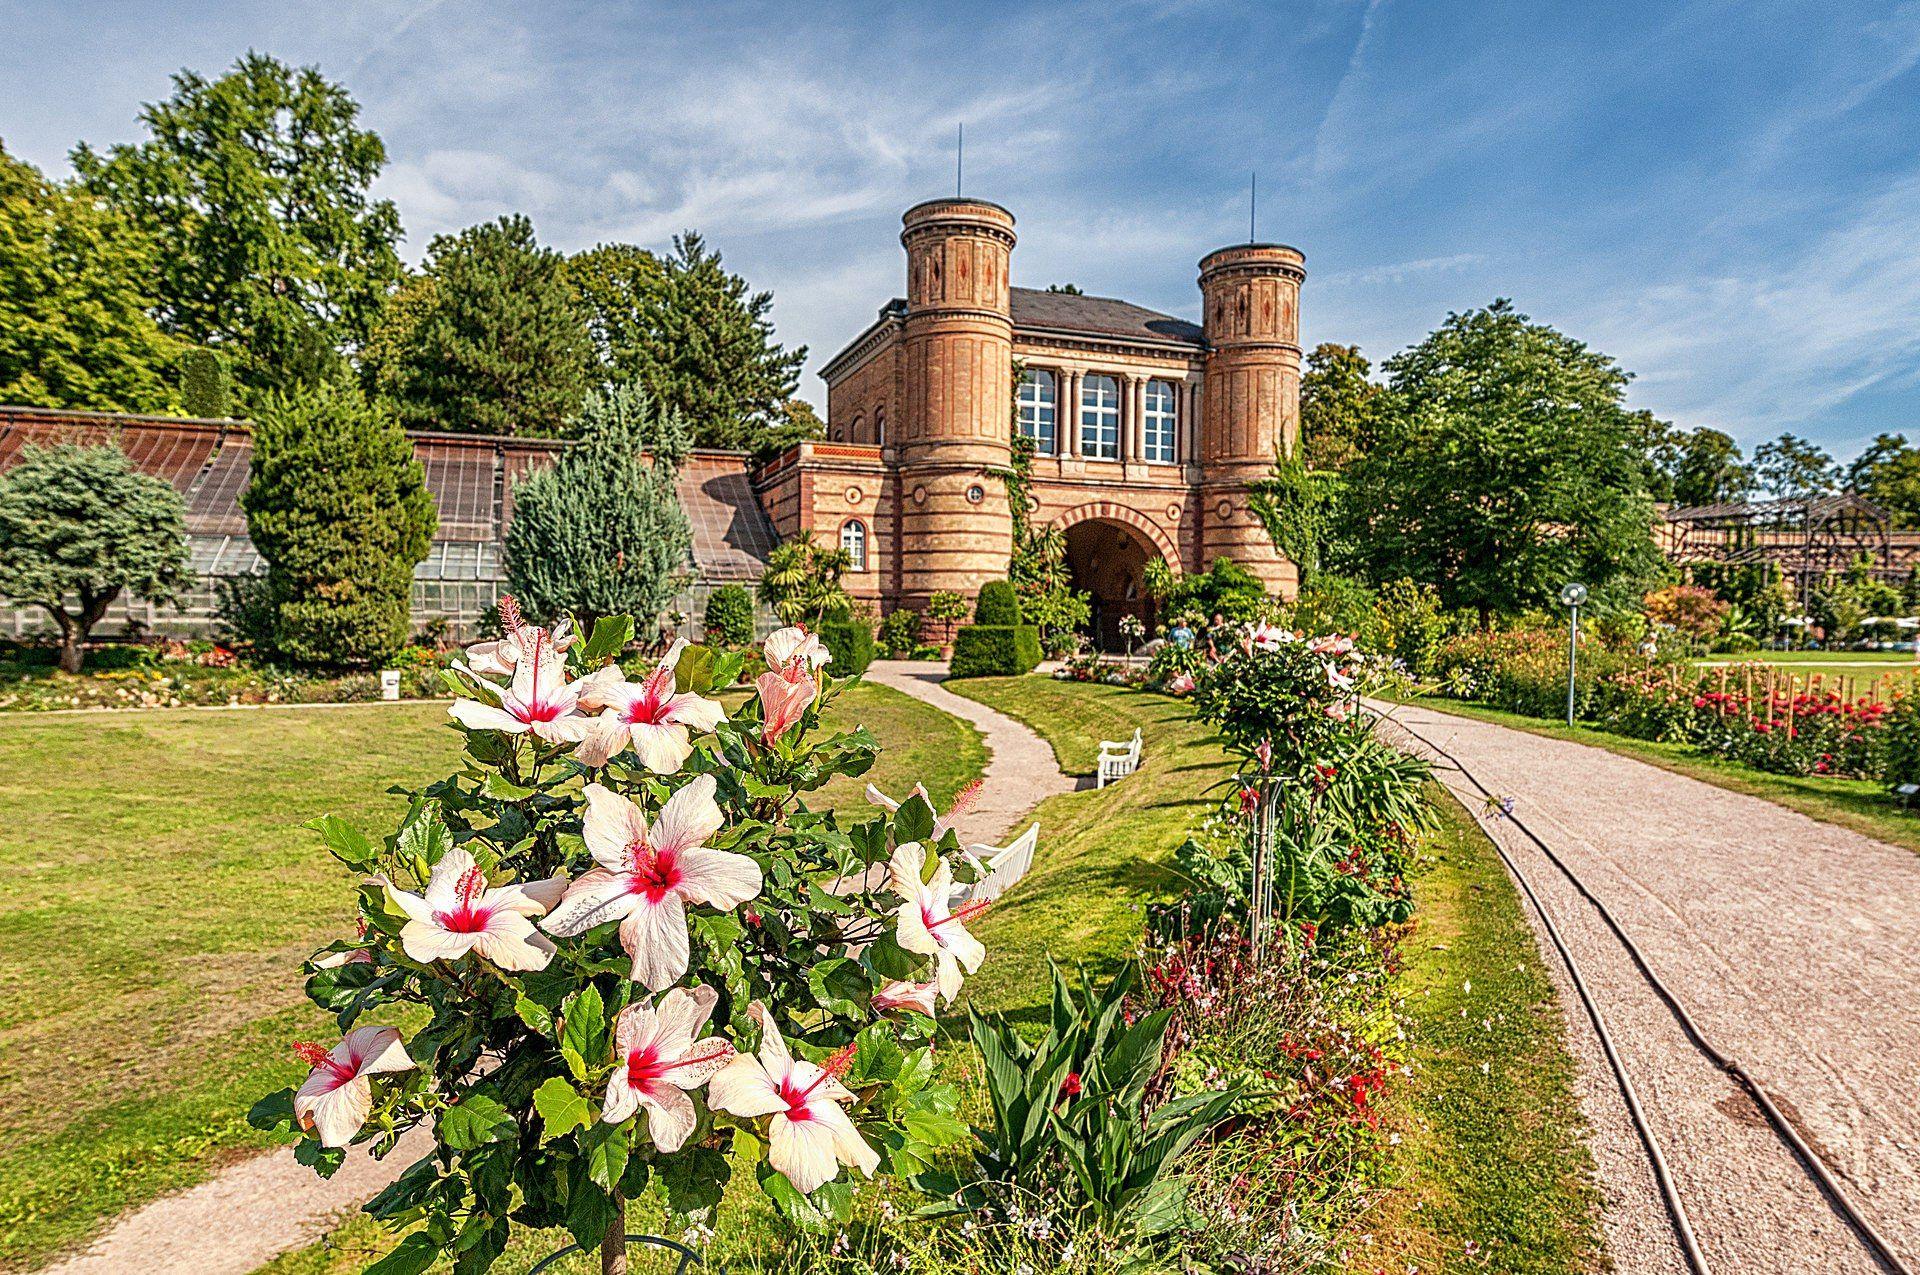 Botanischer Garten Wuppertal Offnungszeiten Um Ihre Stimmung Anzuziehen Von Karlsruhe Botanische Garten In Karlsruhe In Botani House Styles Mansions Sidewalk